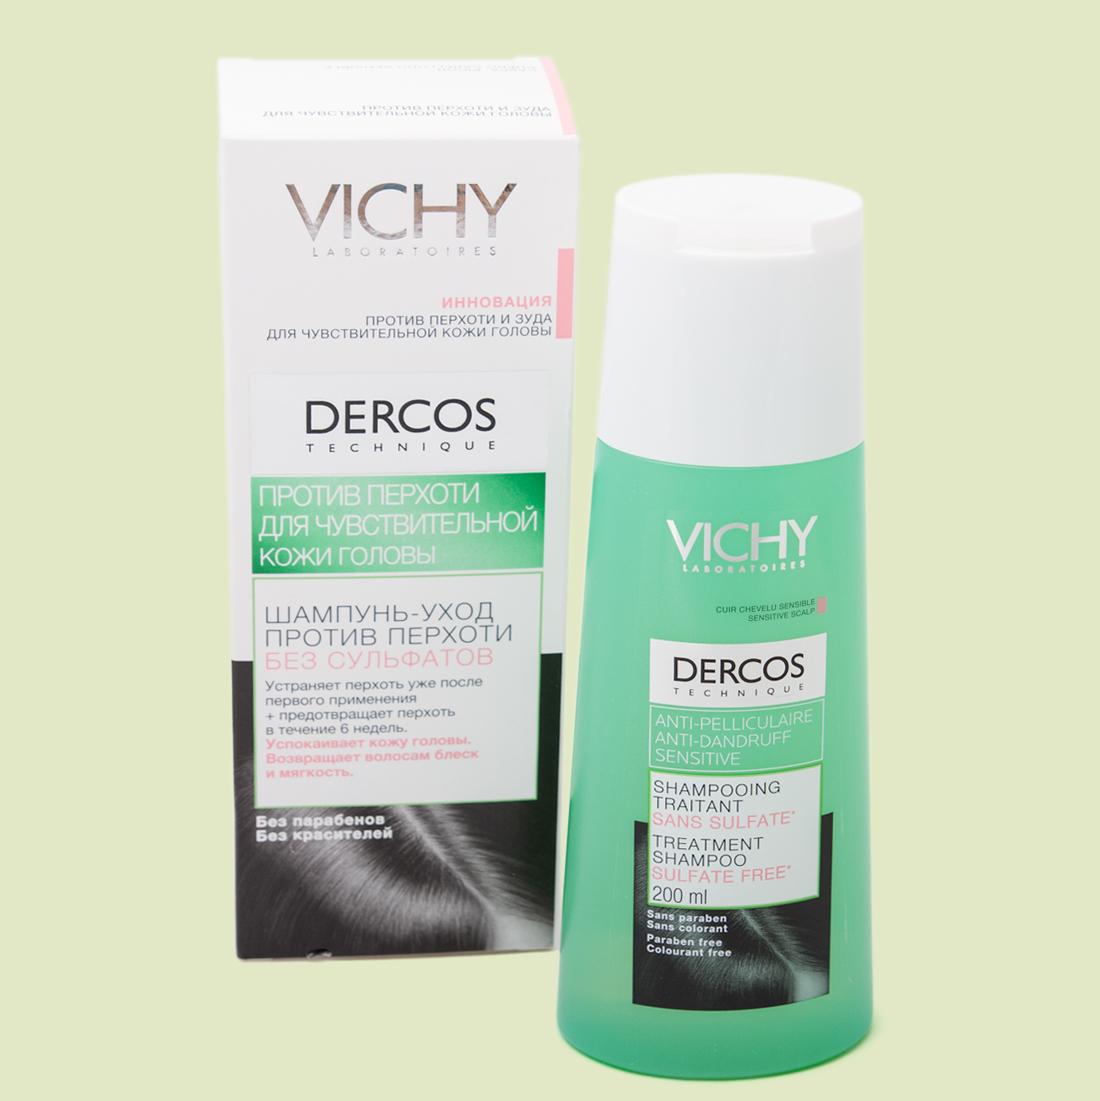 Шампунь от выпадения волос в аптеках dercos